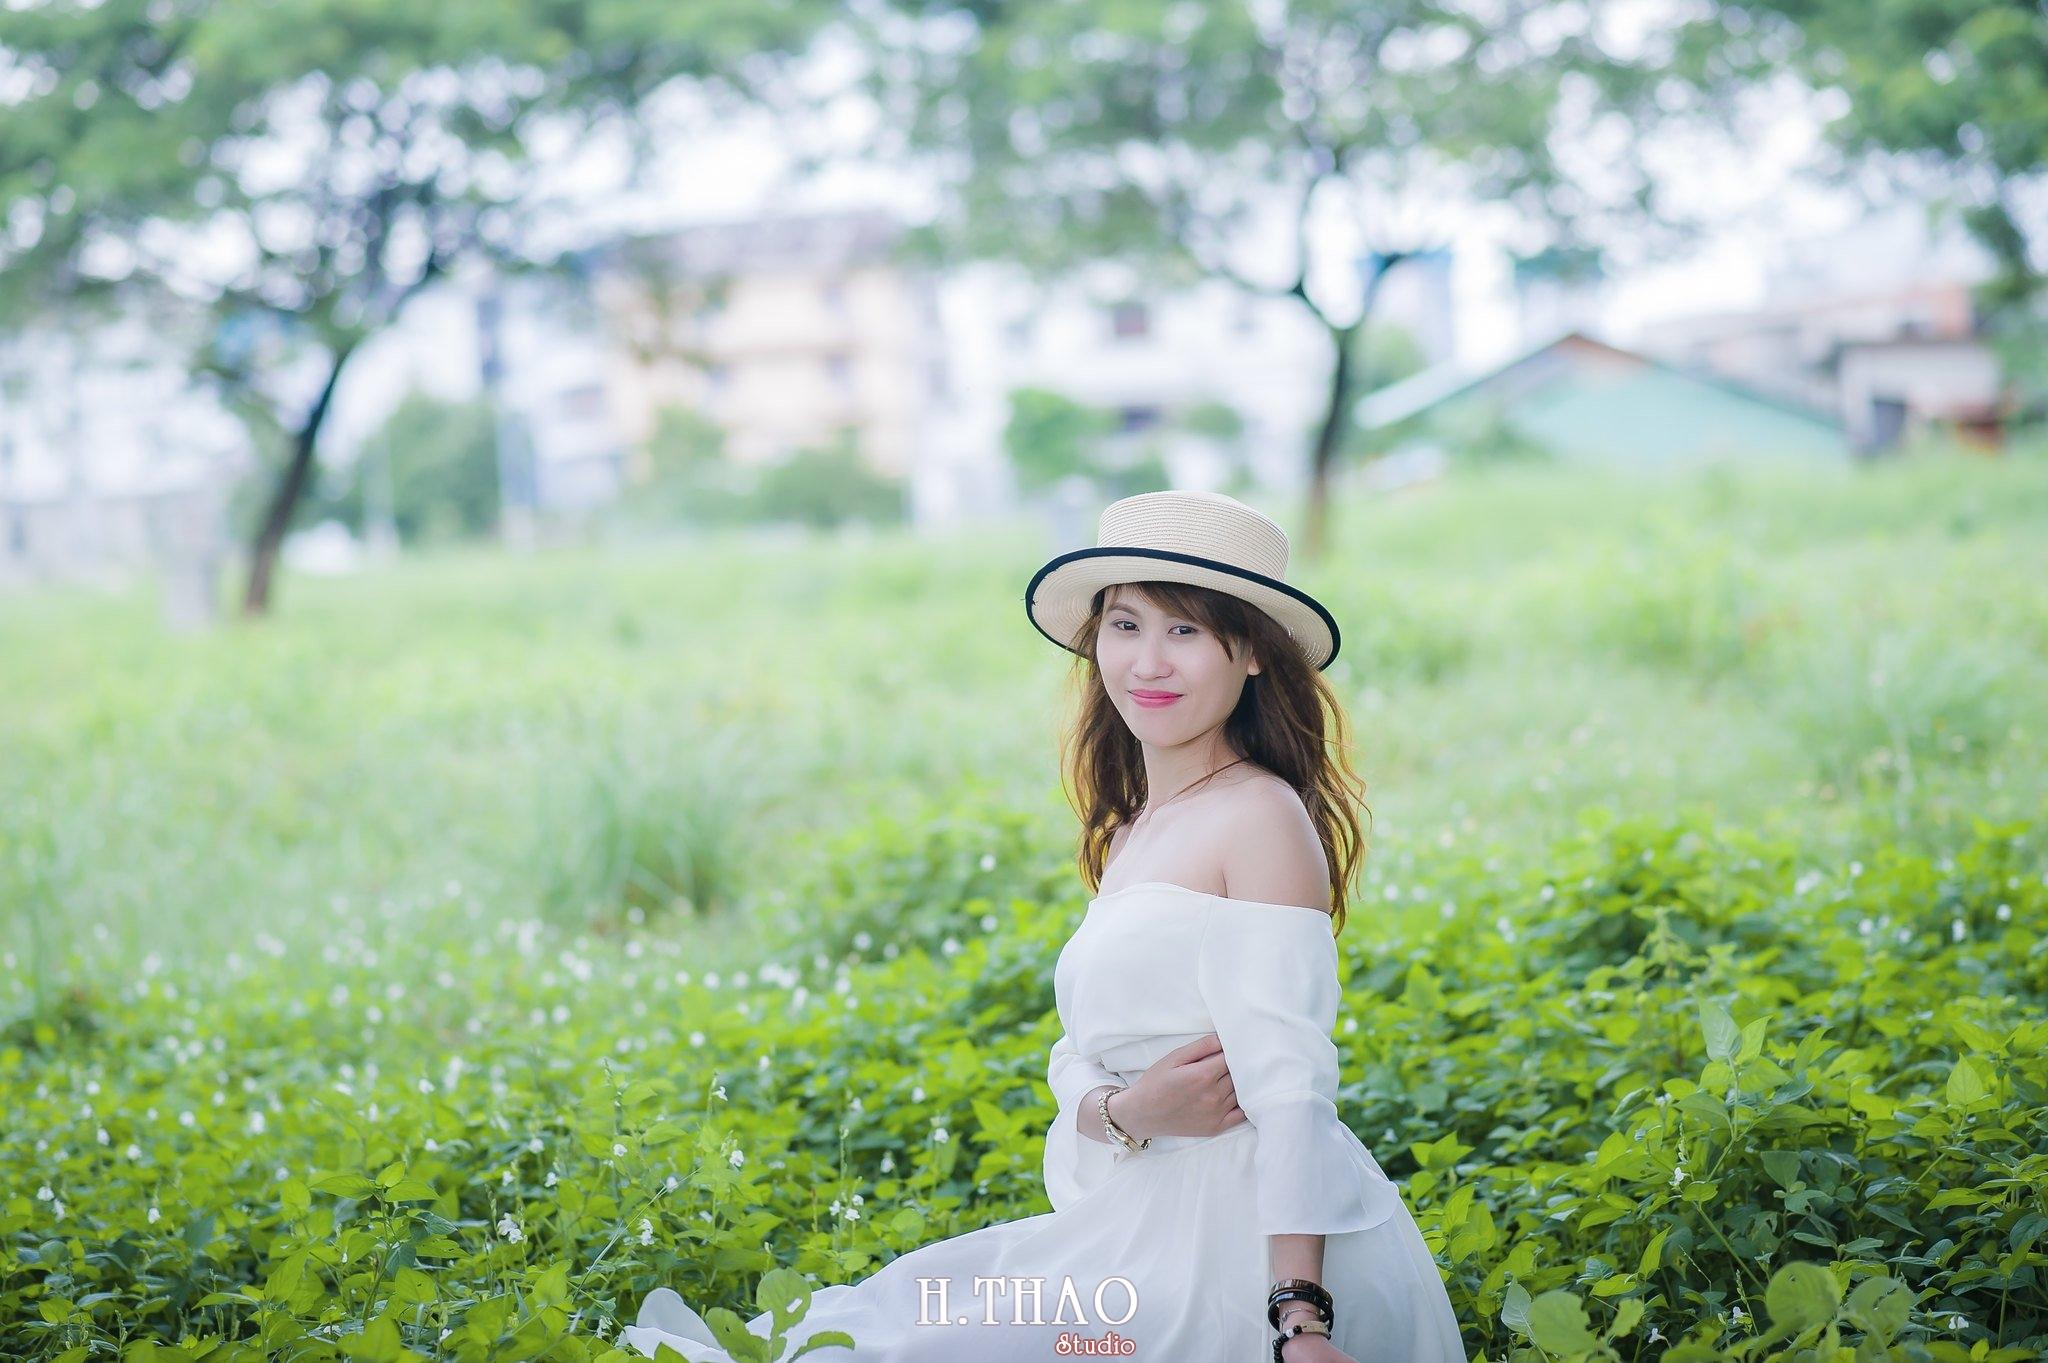 anh dao kim cuong 9 - Tổng hợp những góc ảnh đẹp chụp ở đảo kim cương quận 2 - HThao Studio